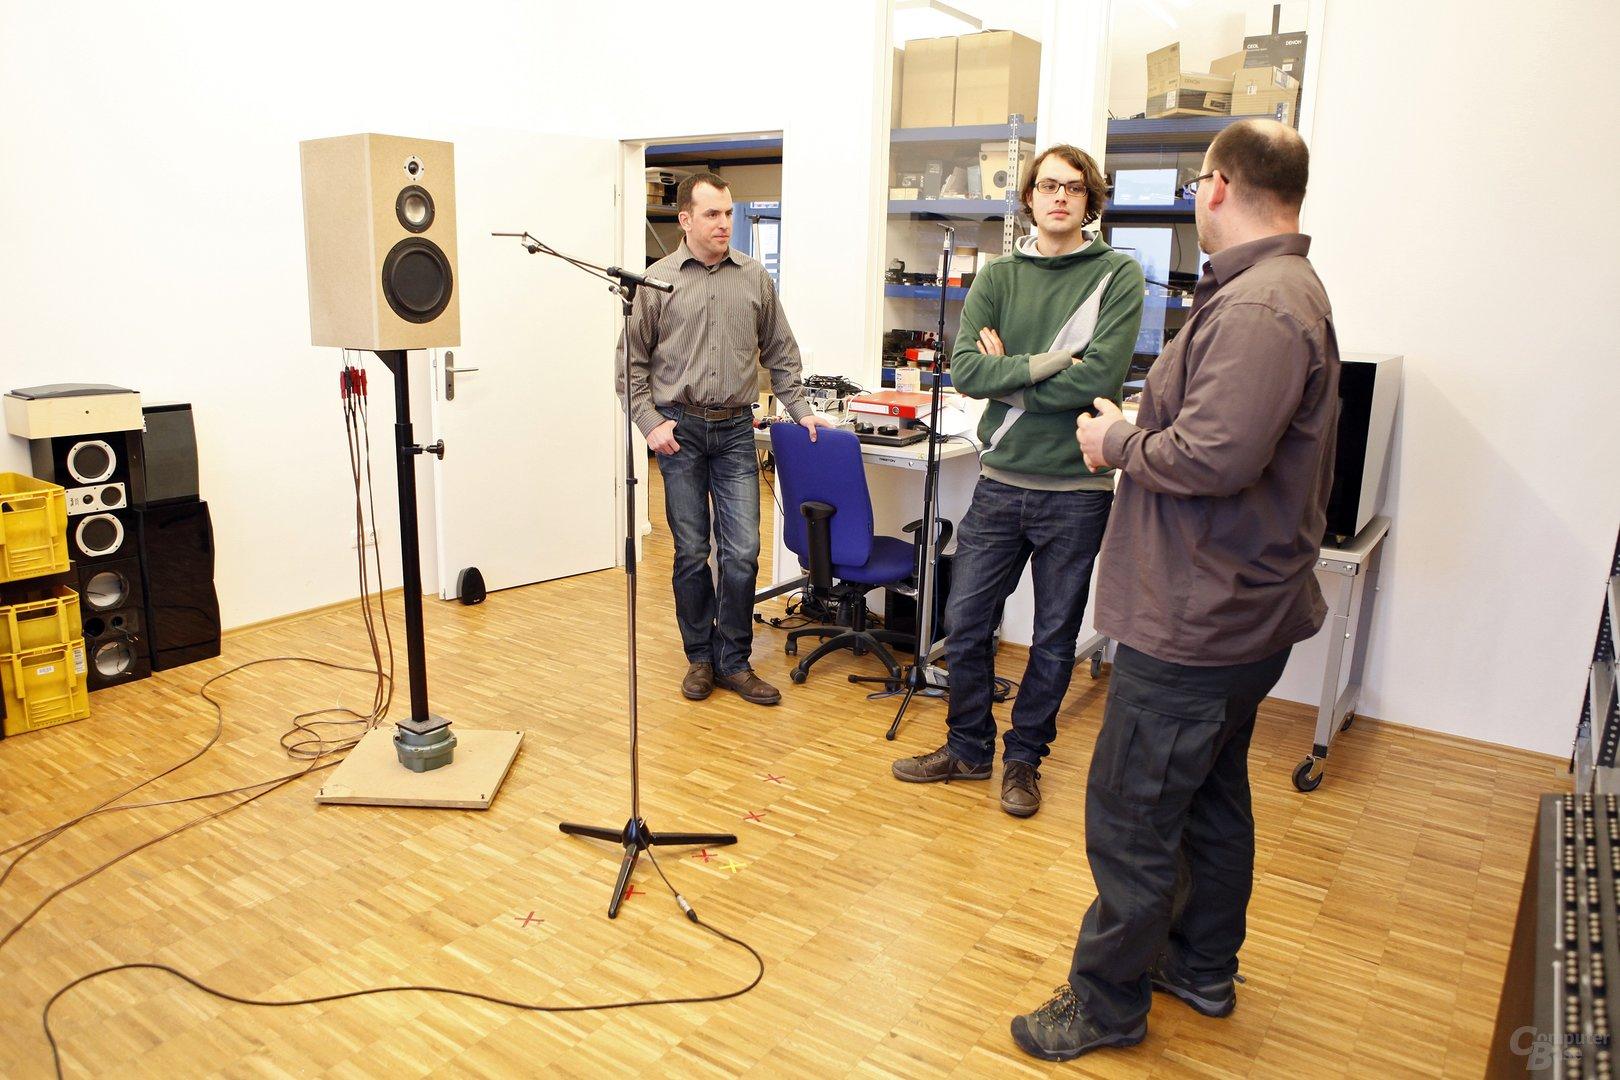 Mit den Teufel Akustik-Entwicklern beim Lautsprecher messen